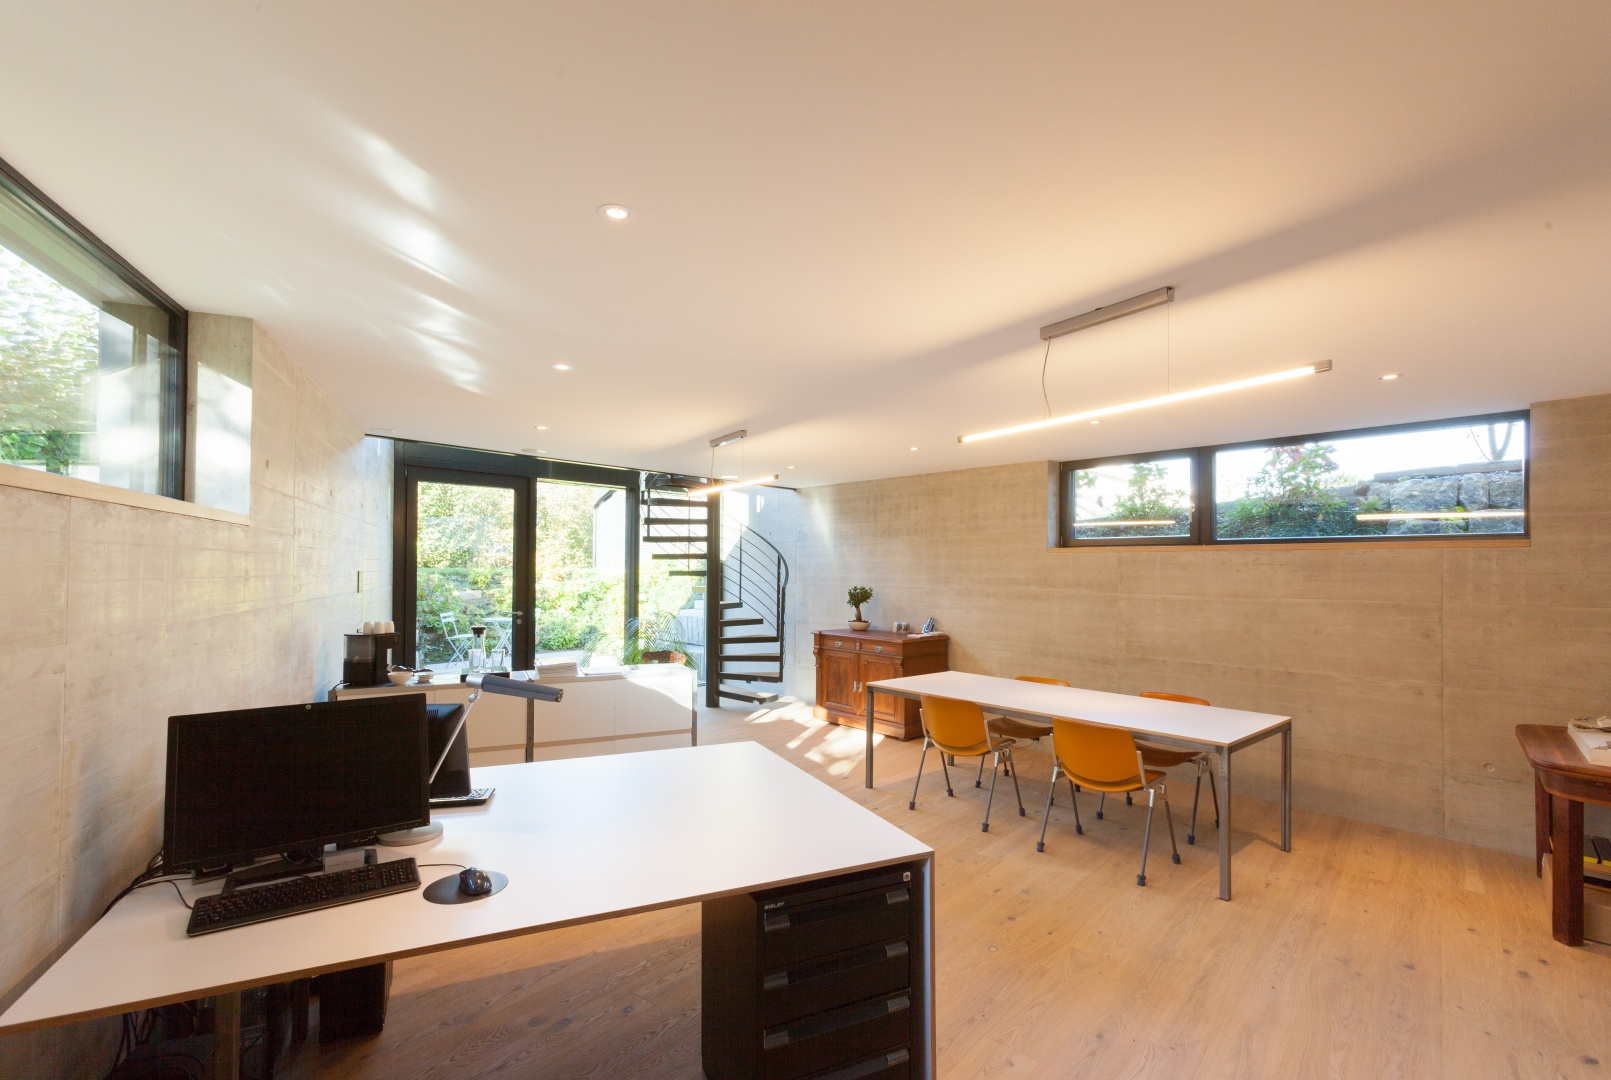 Atelier © von Mann Architektur GmbH, Sonnenhofstrasse 2, 8132 Egg